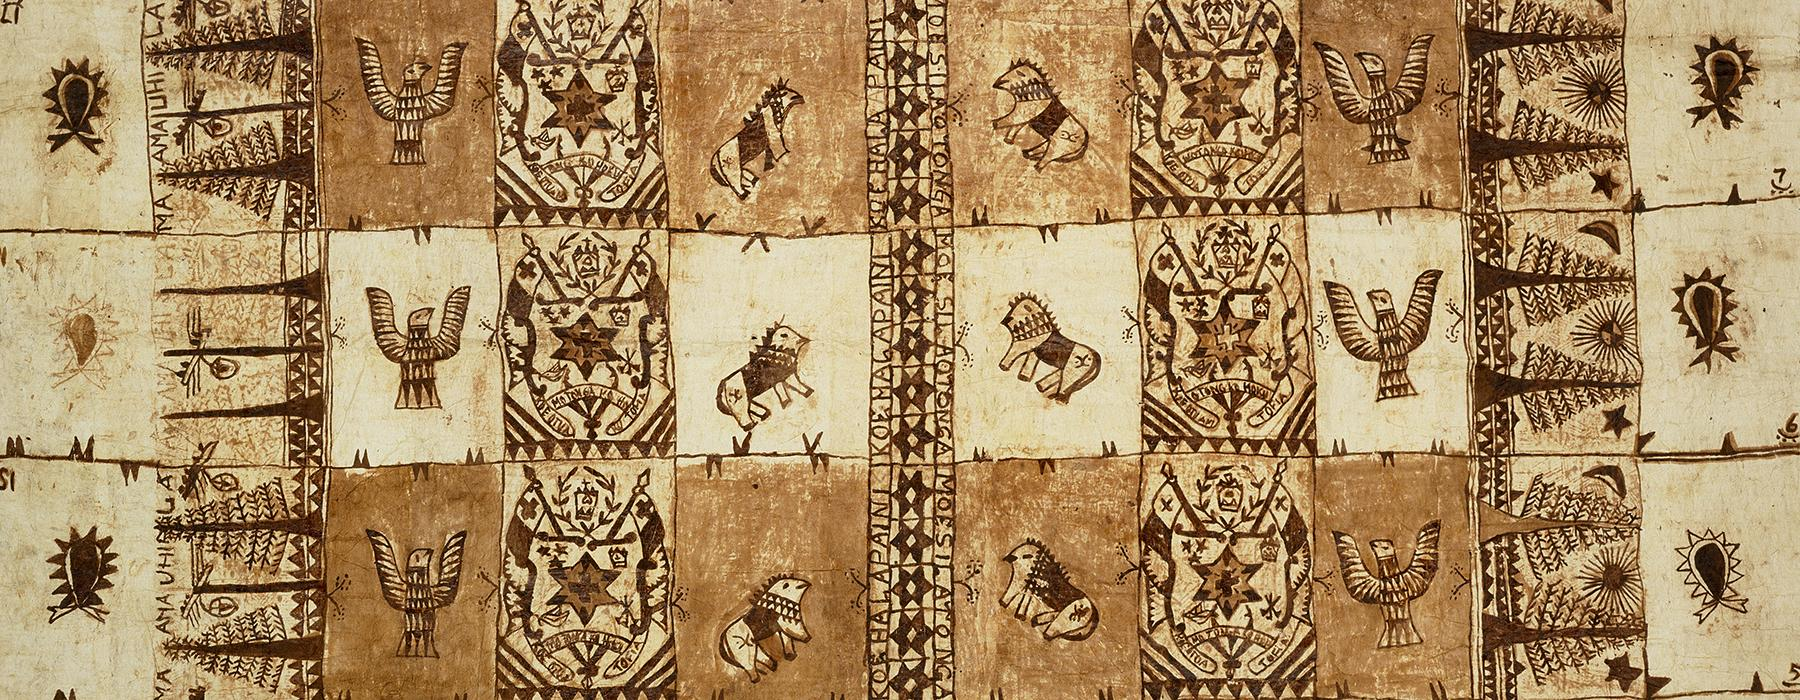 Ngatu (tapa cloth)